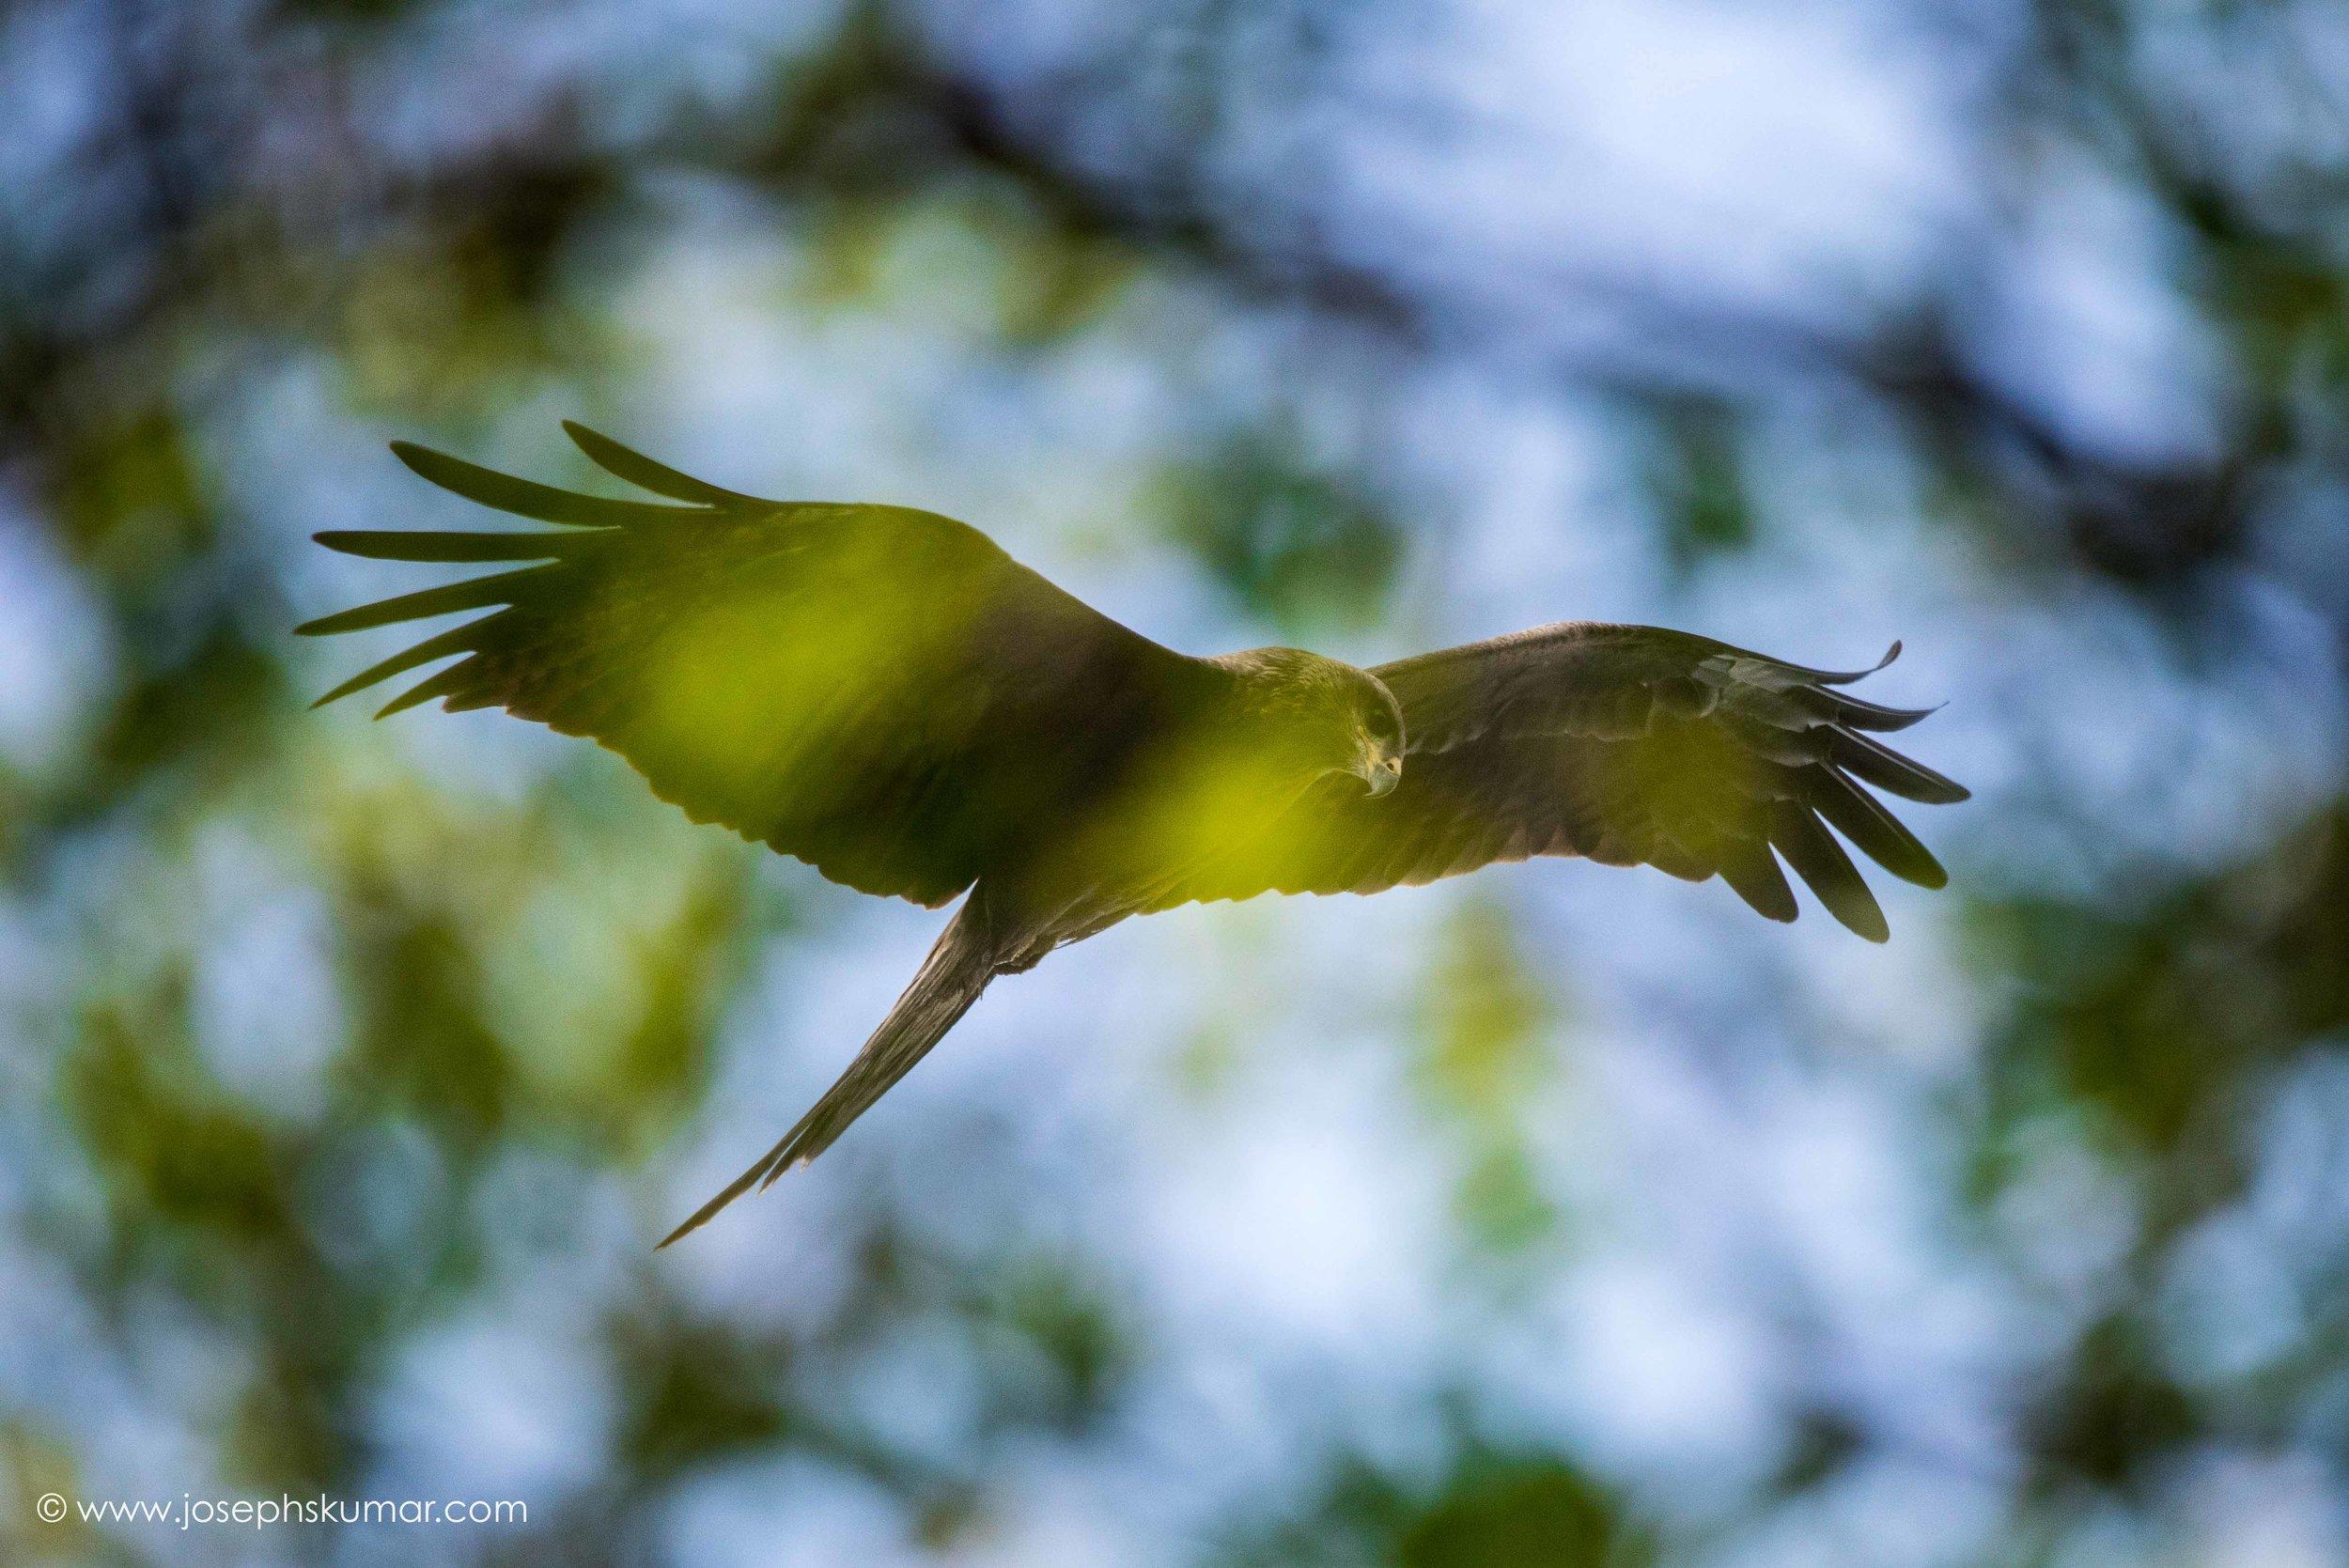 Black Kite through the foliage